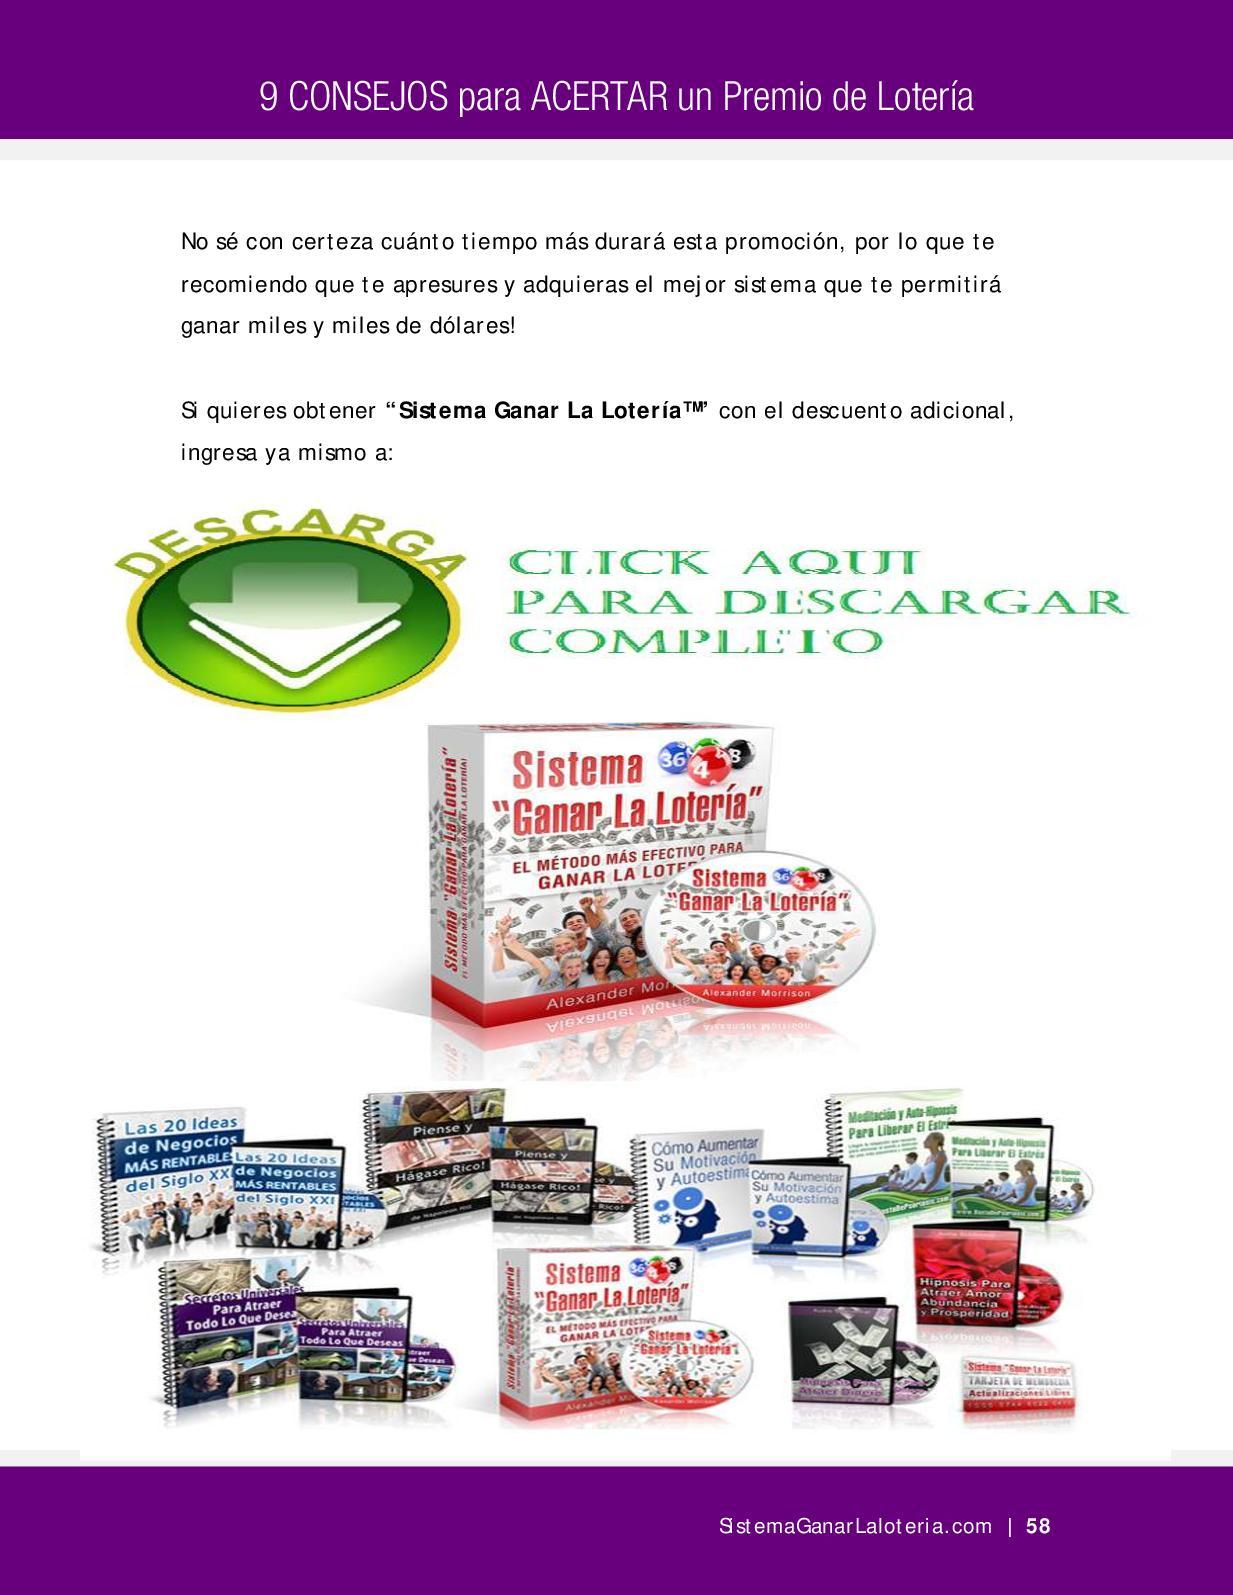 SISTEMA GANAR LA LOTERIA FULL - CALAMEO Downloader